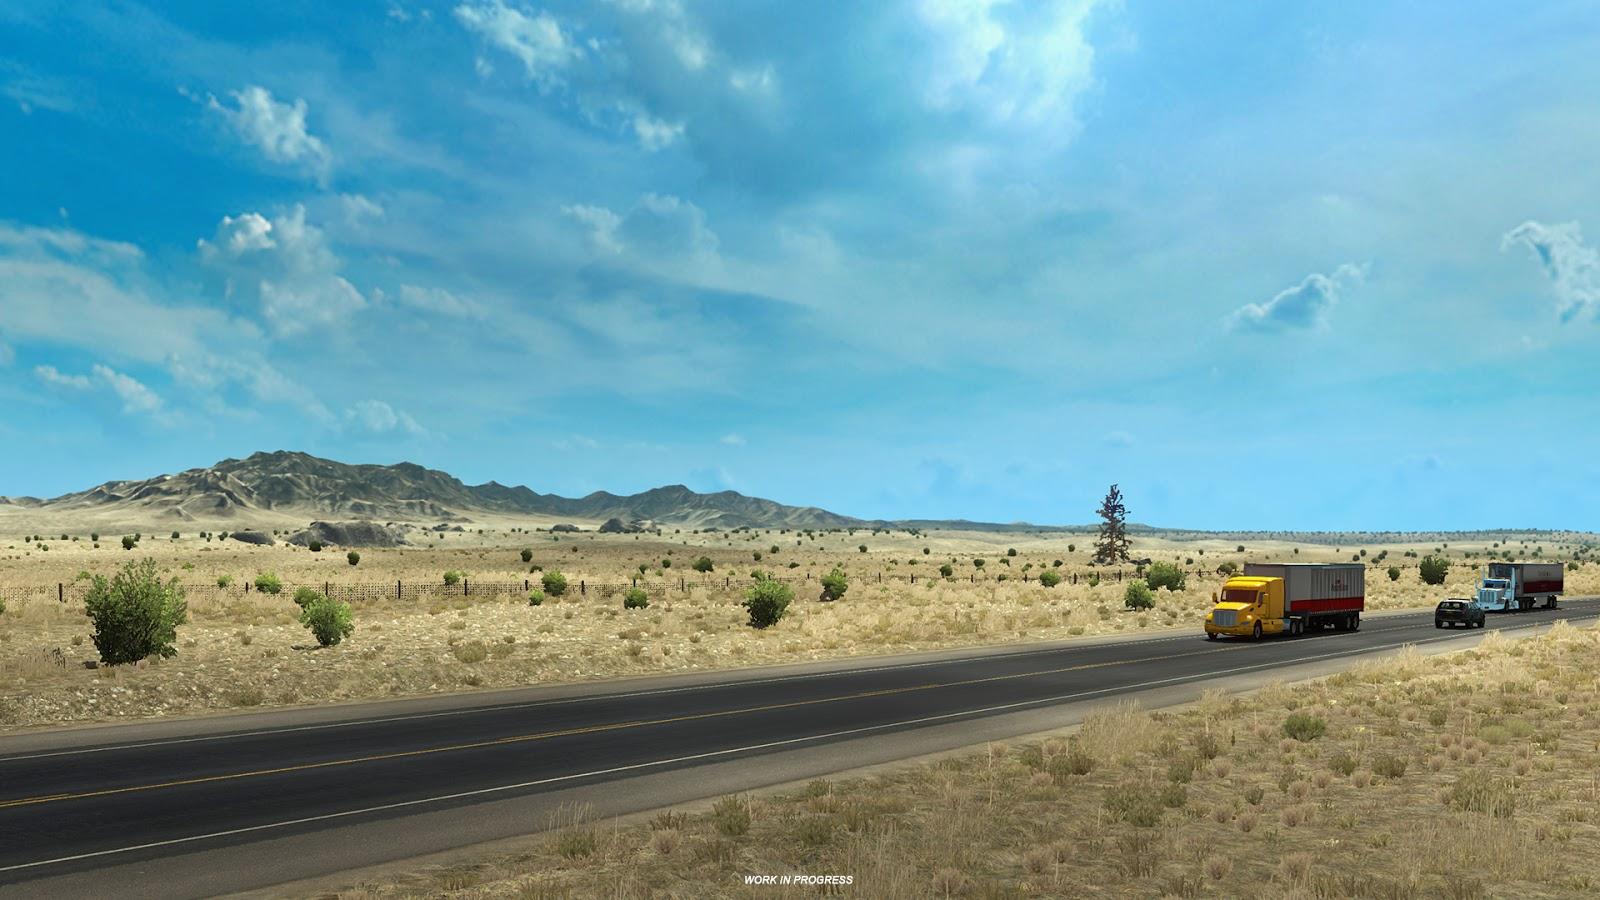 Pokochejte se Novým Mexikem z American Truck Simulatoru 146373